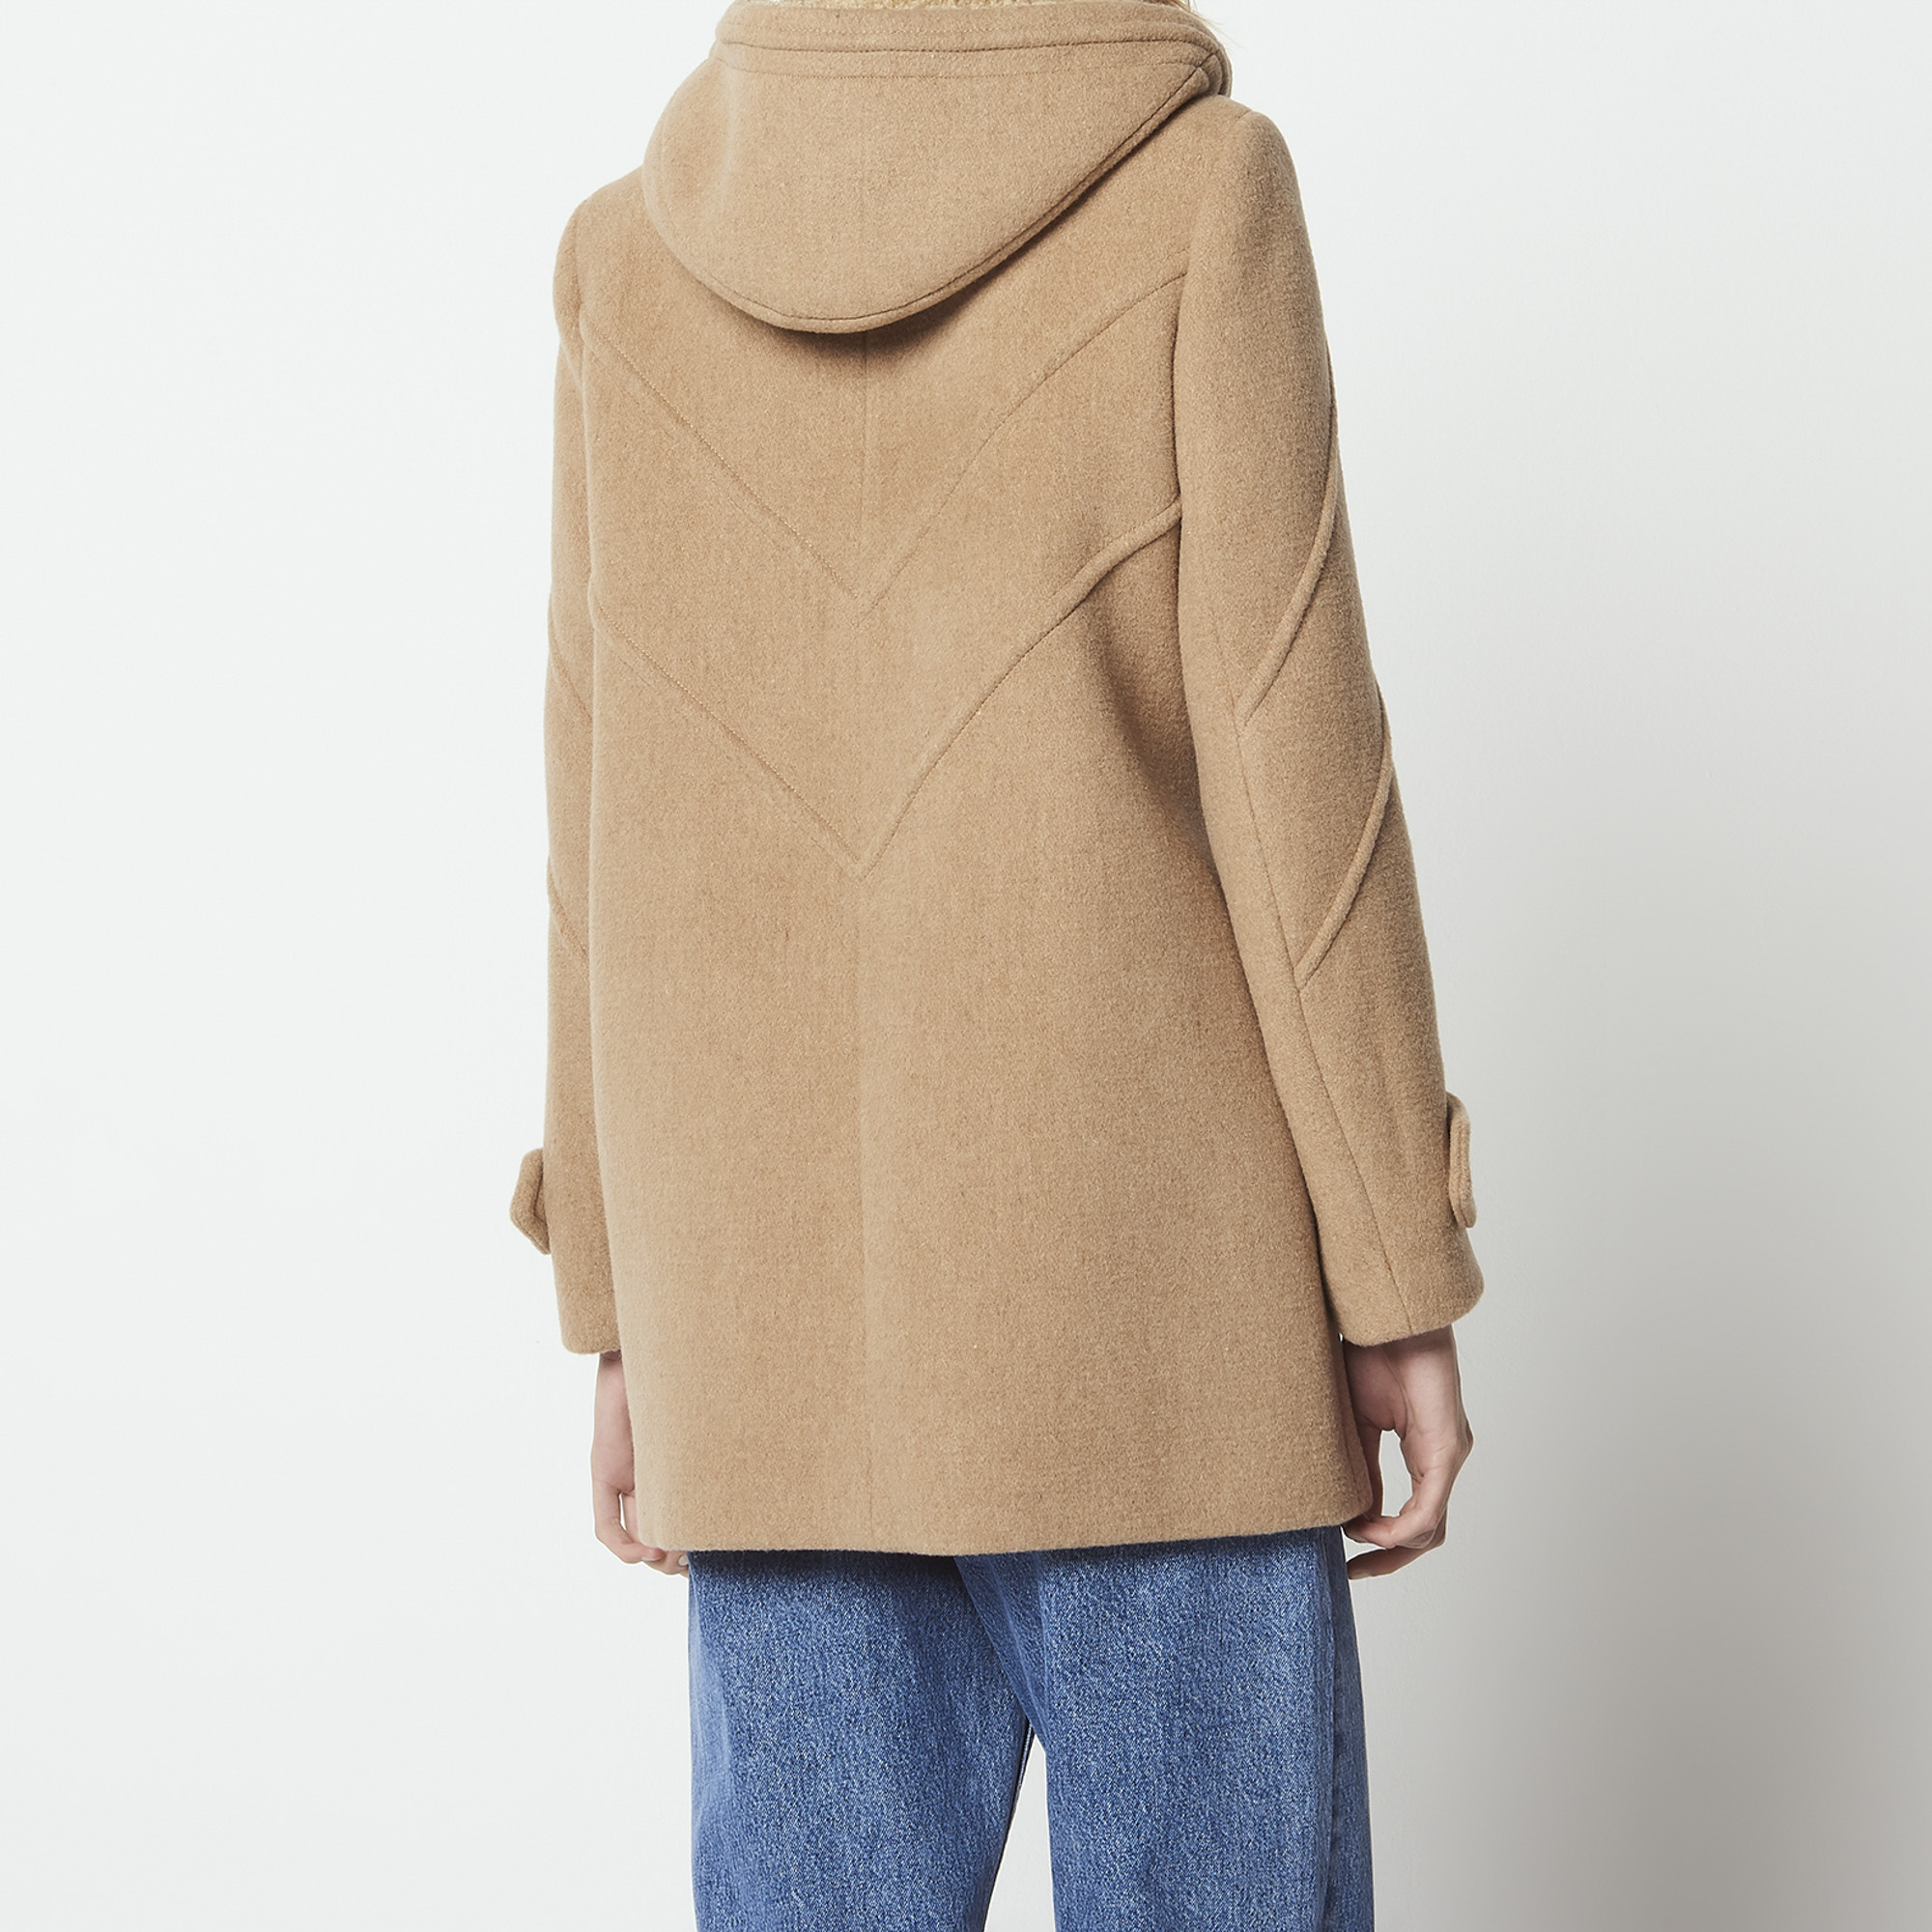 ... Abrigo con capucha de paño de lana   Blousons   Manteaux color Camel ... 89b680256fa7